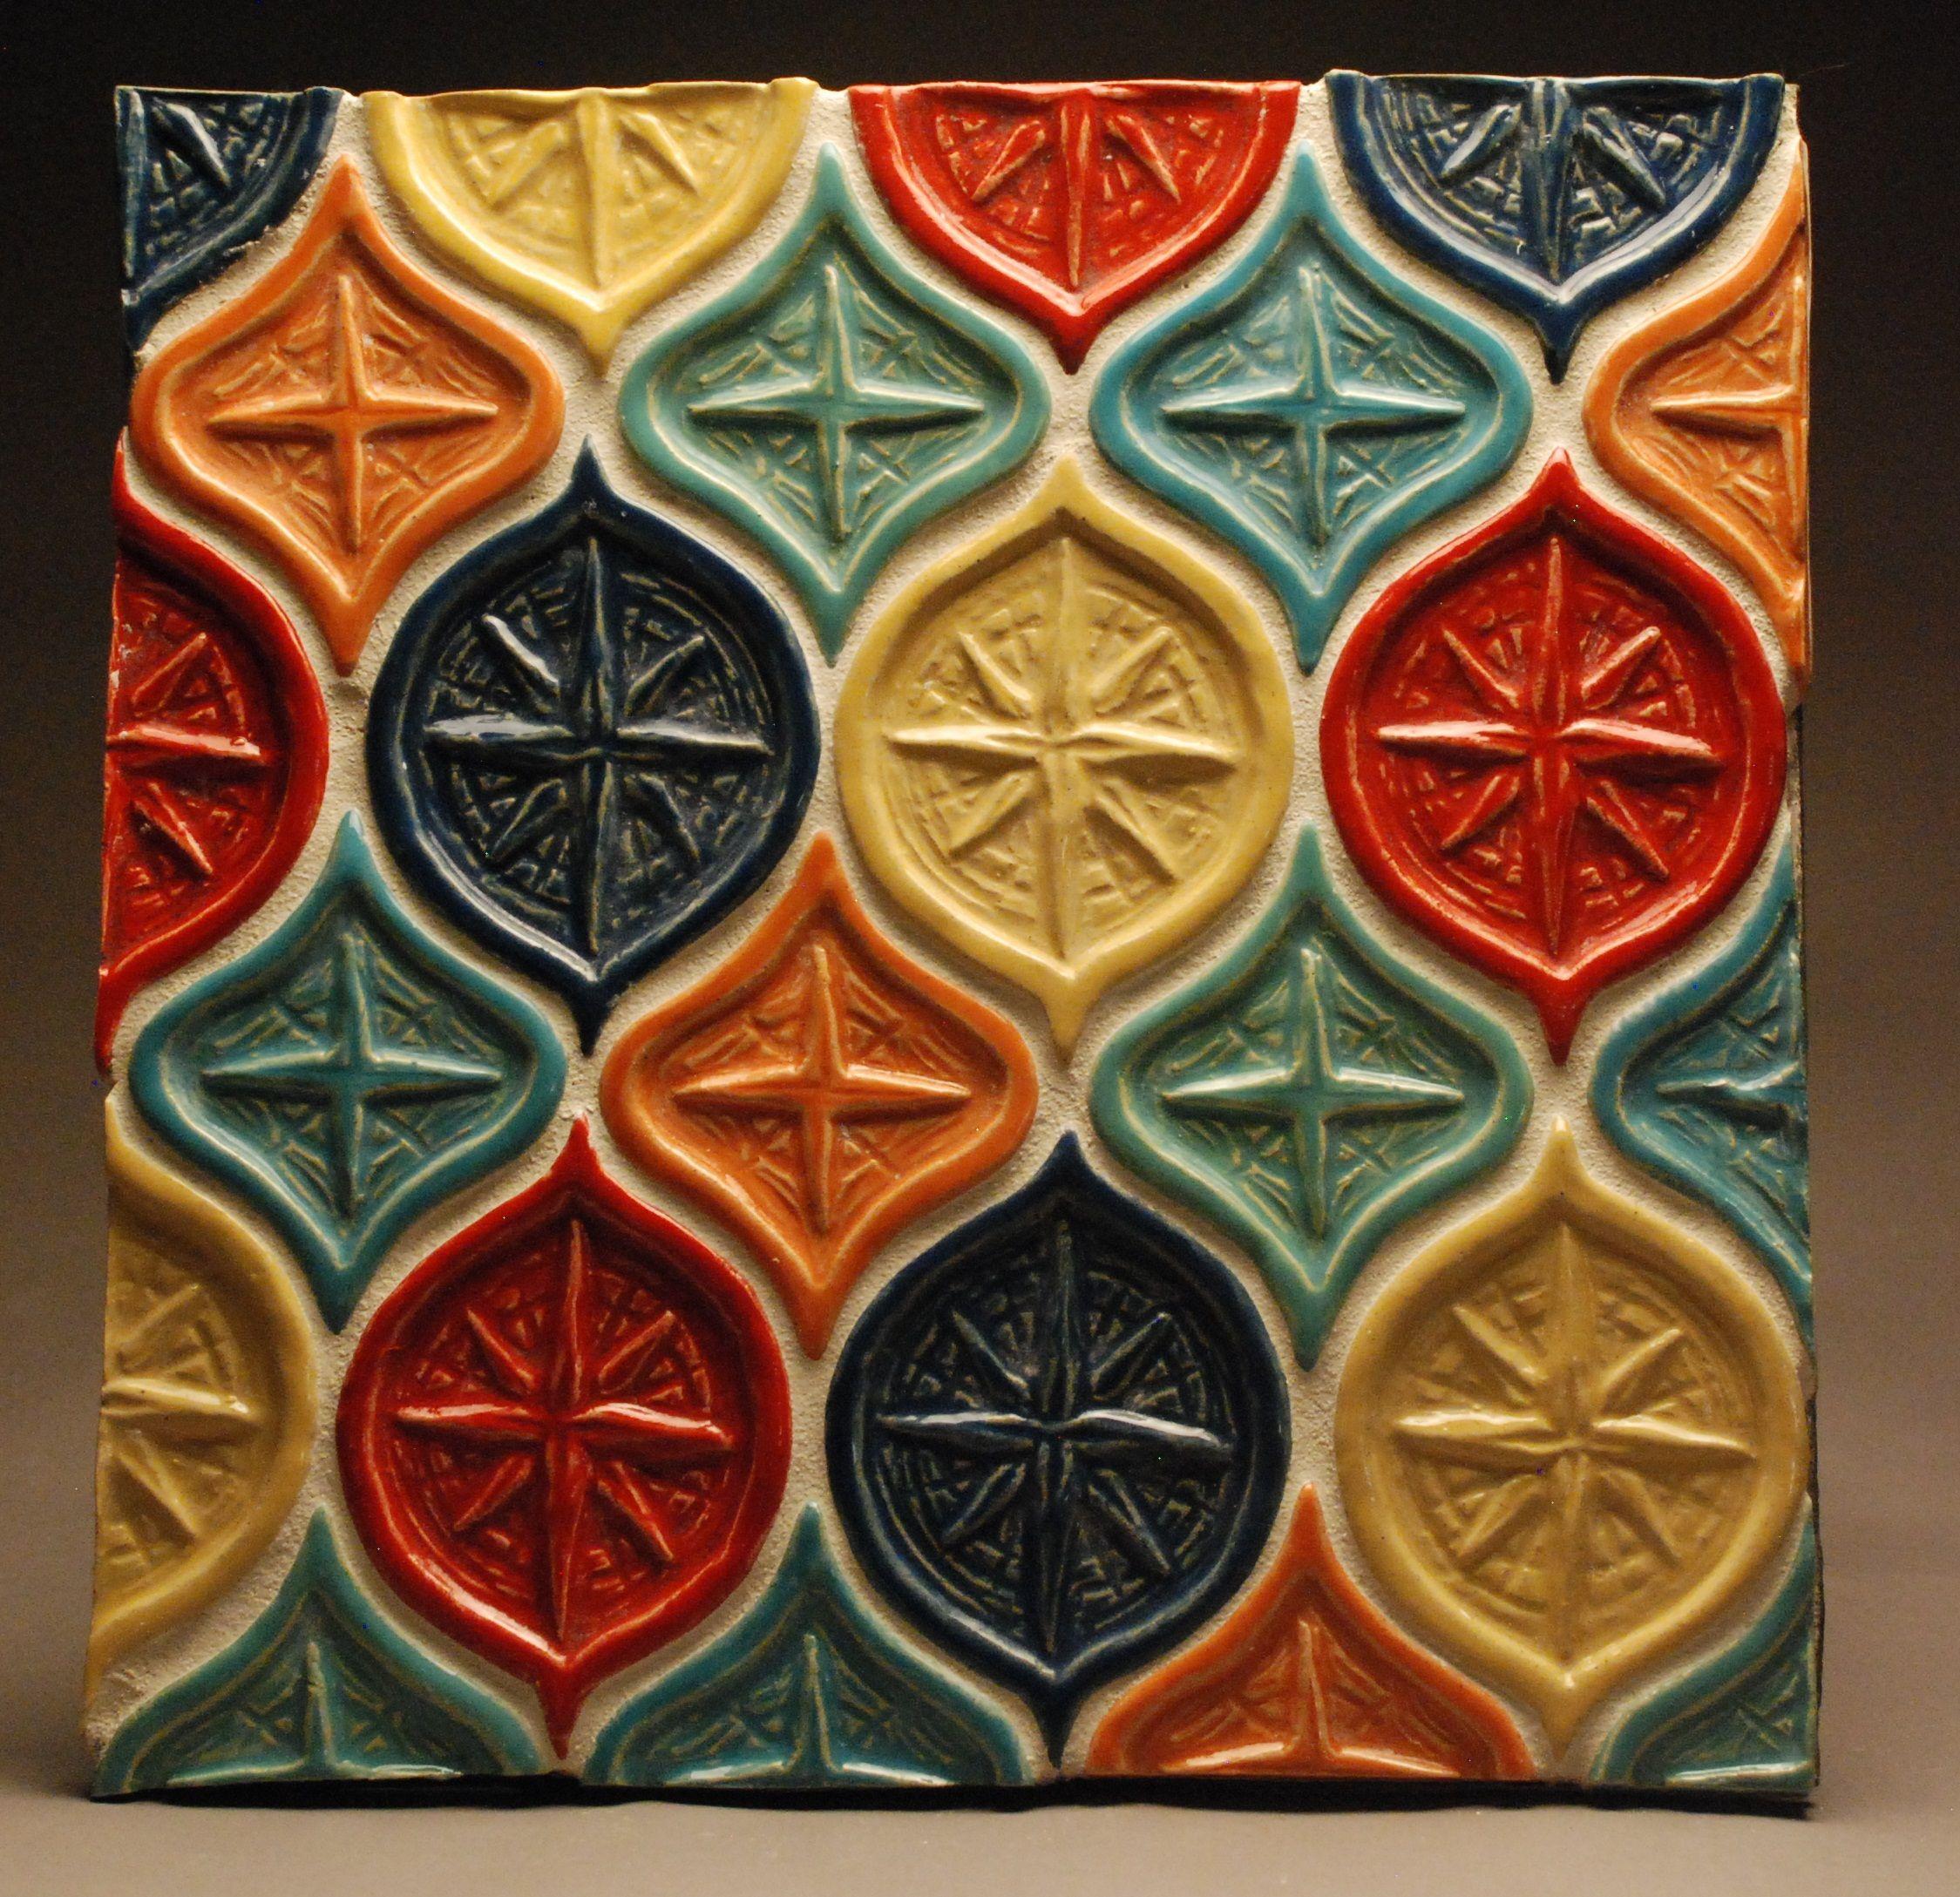 Handmade Starburst ceramic tile backsplash from Drumboden